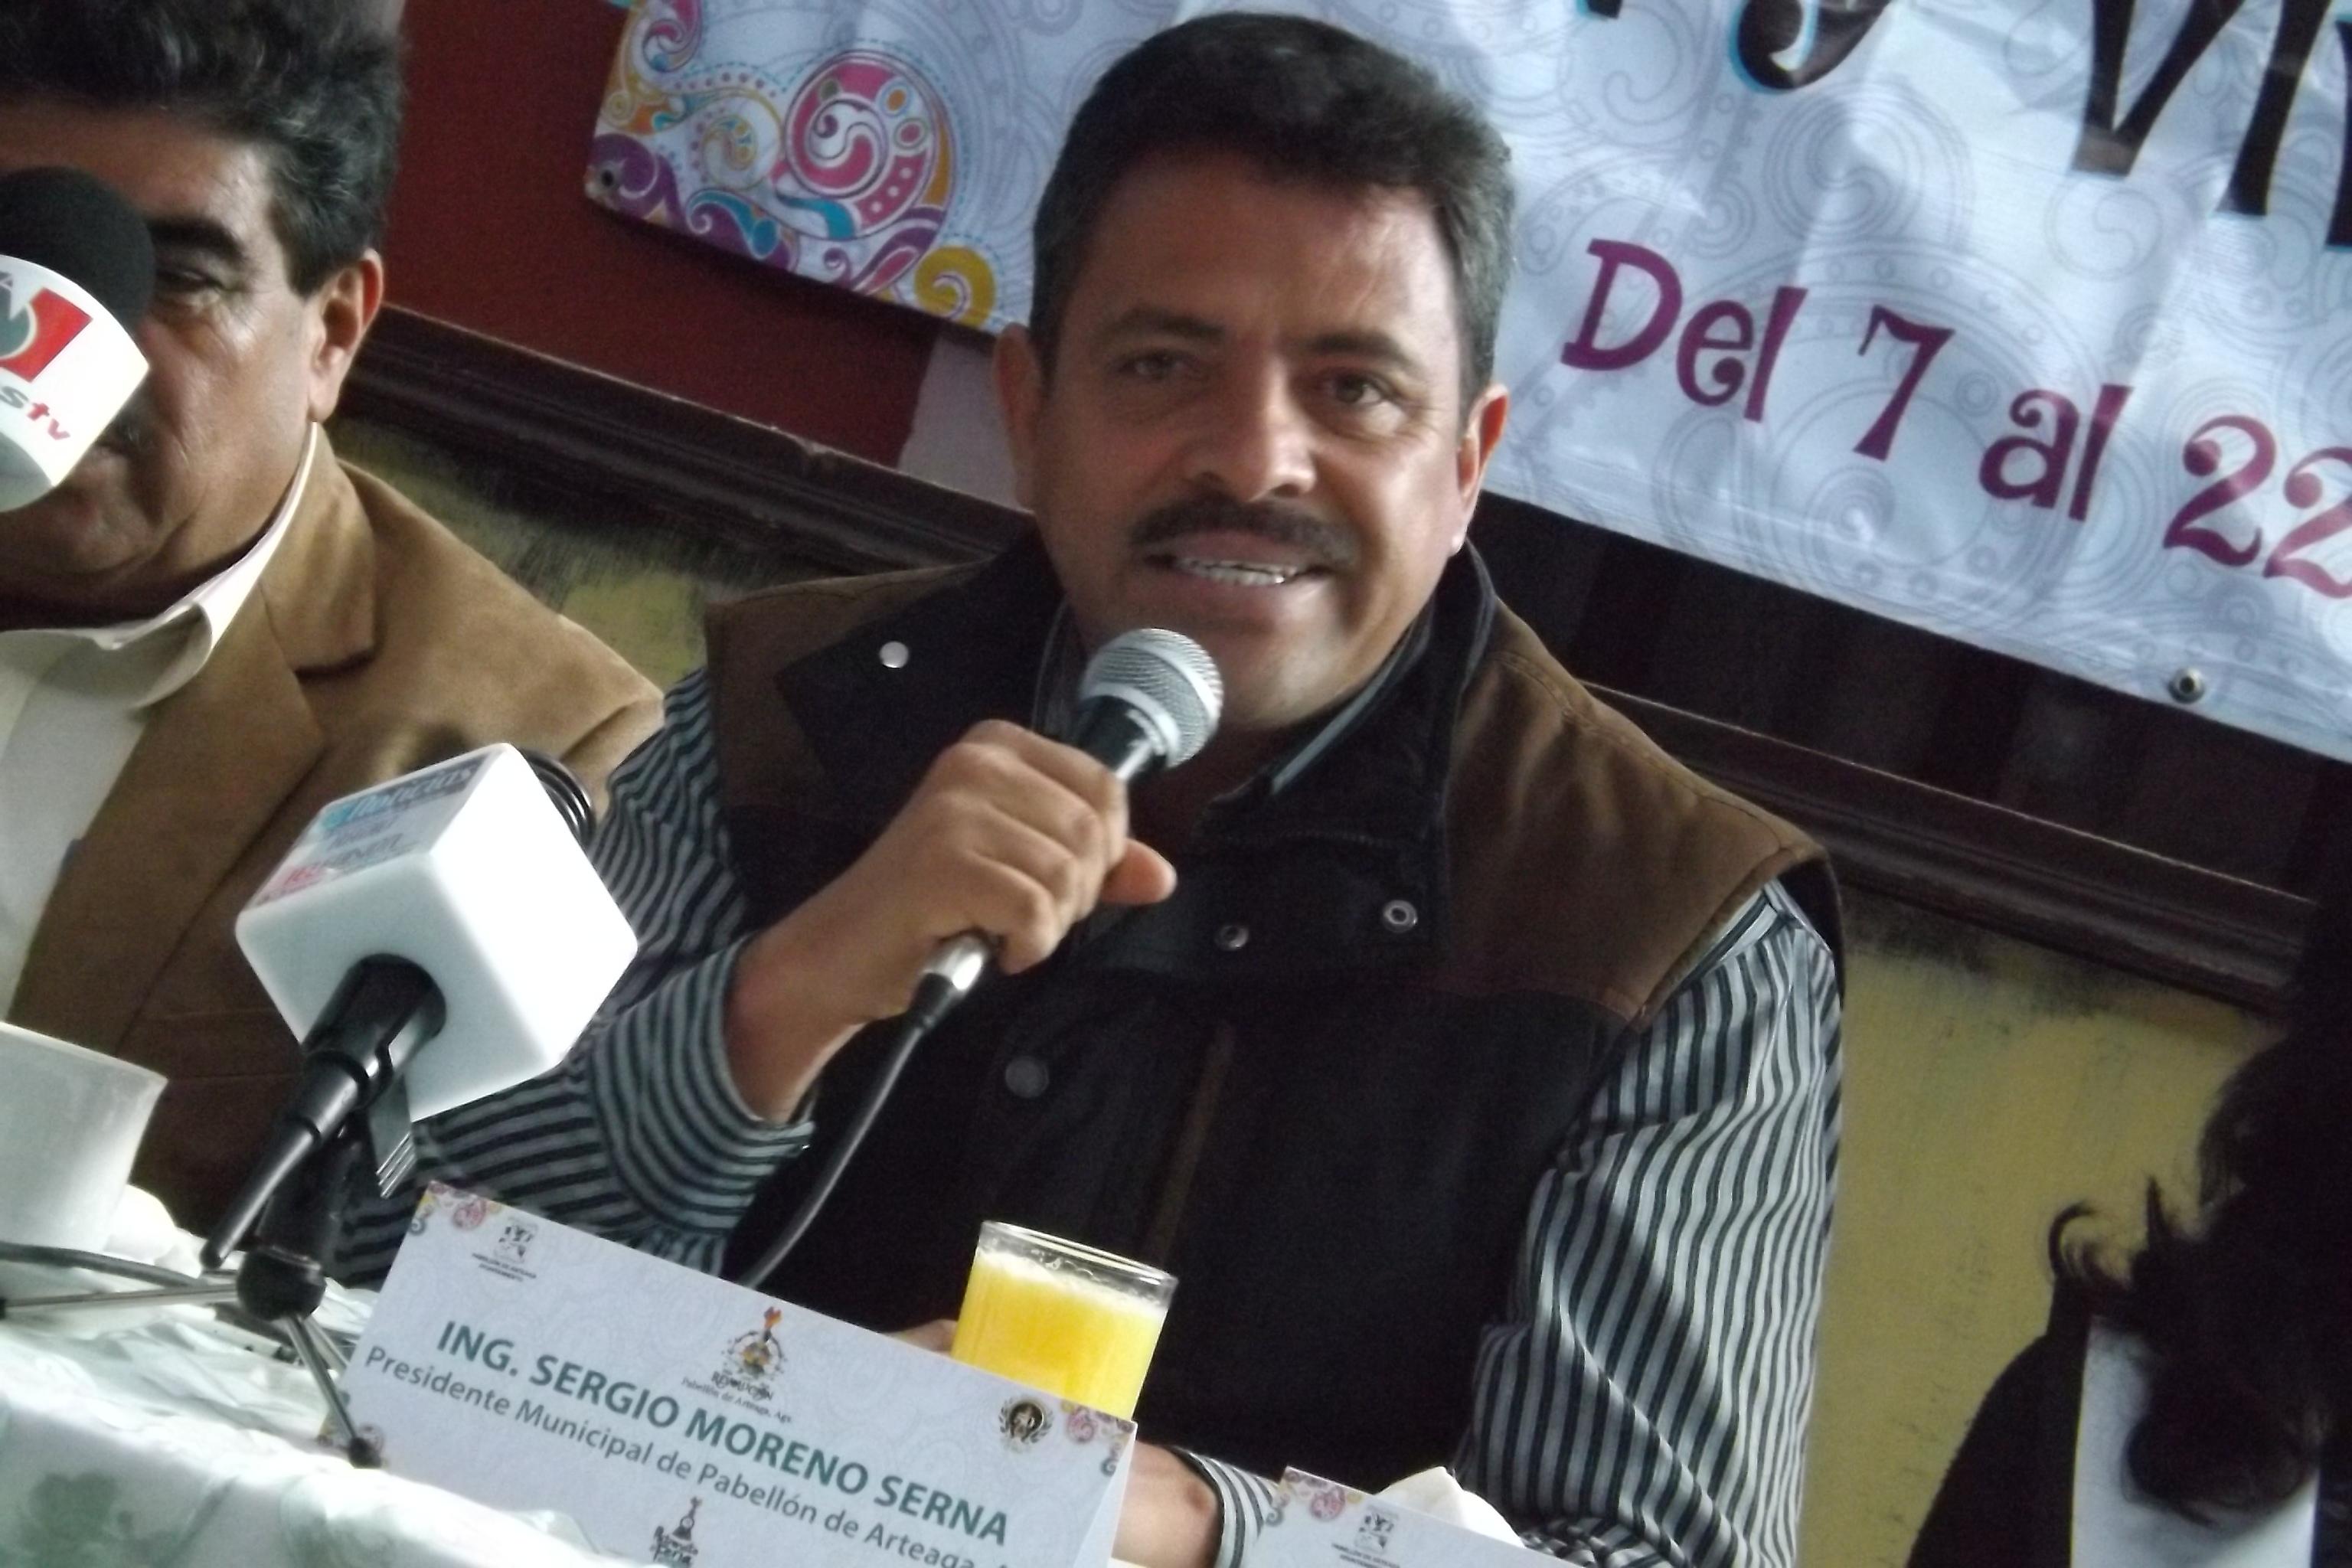 Crece cifra de menores adictos en Pabellón de Arteaga